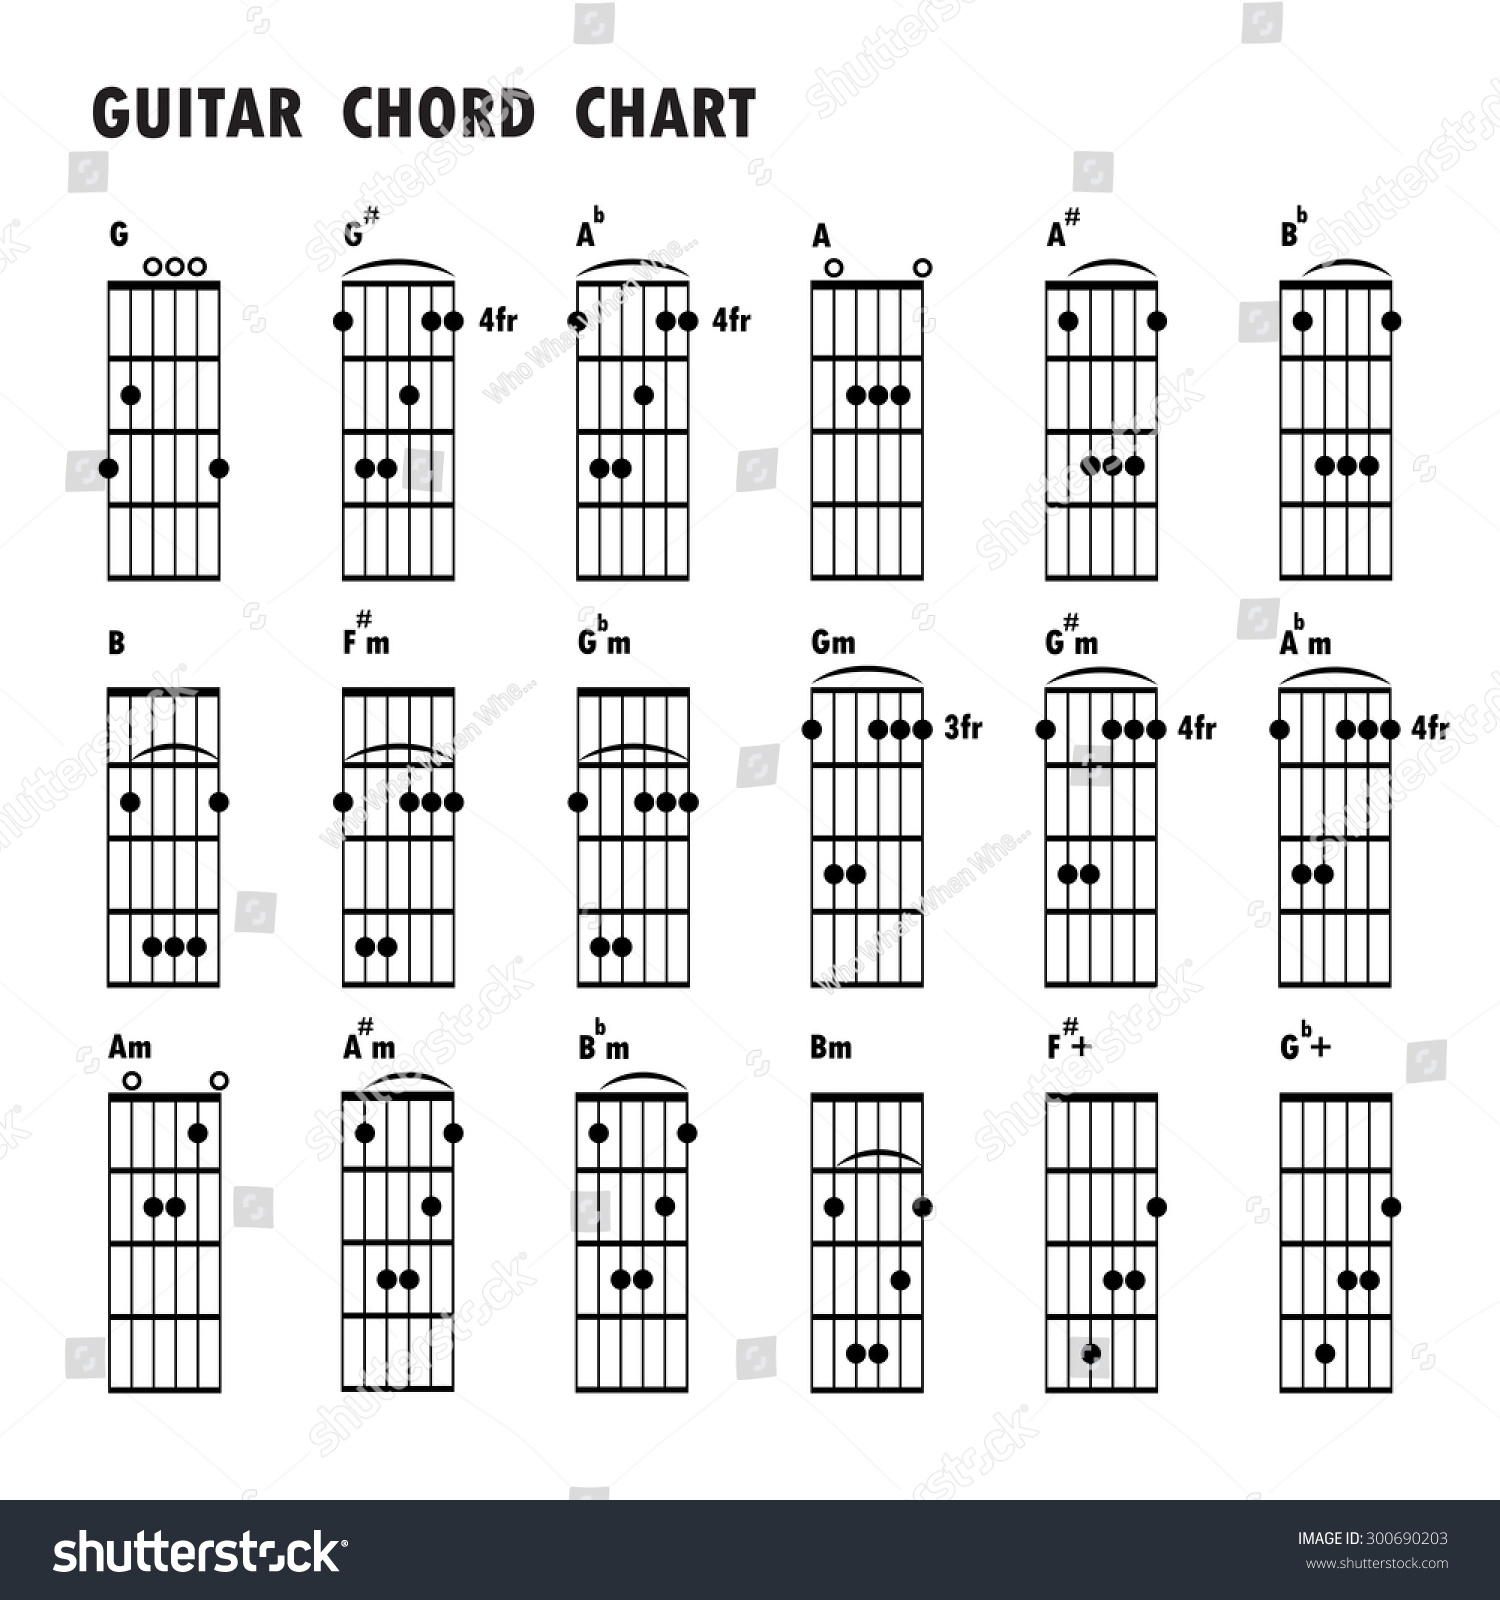 Basic Guitar Chords Chart Keninamas